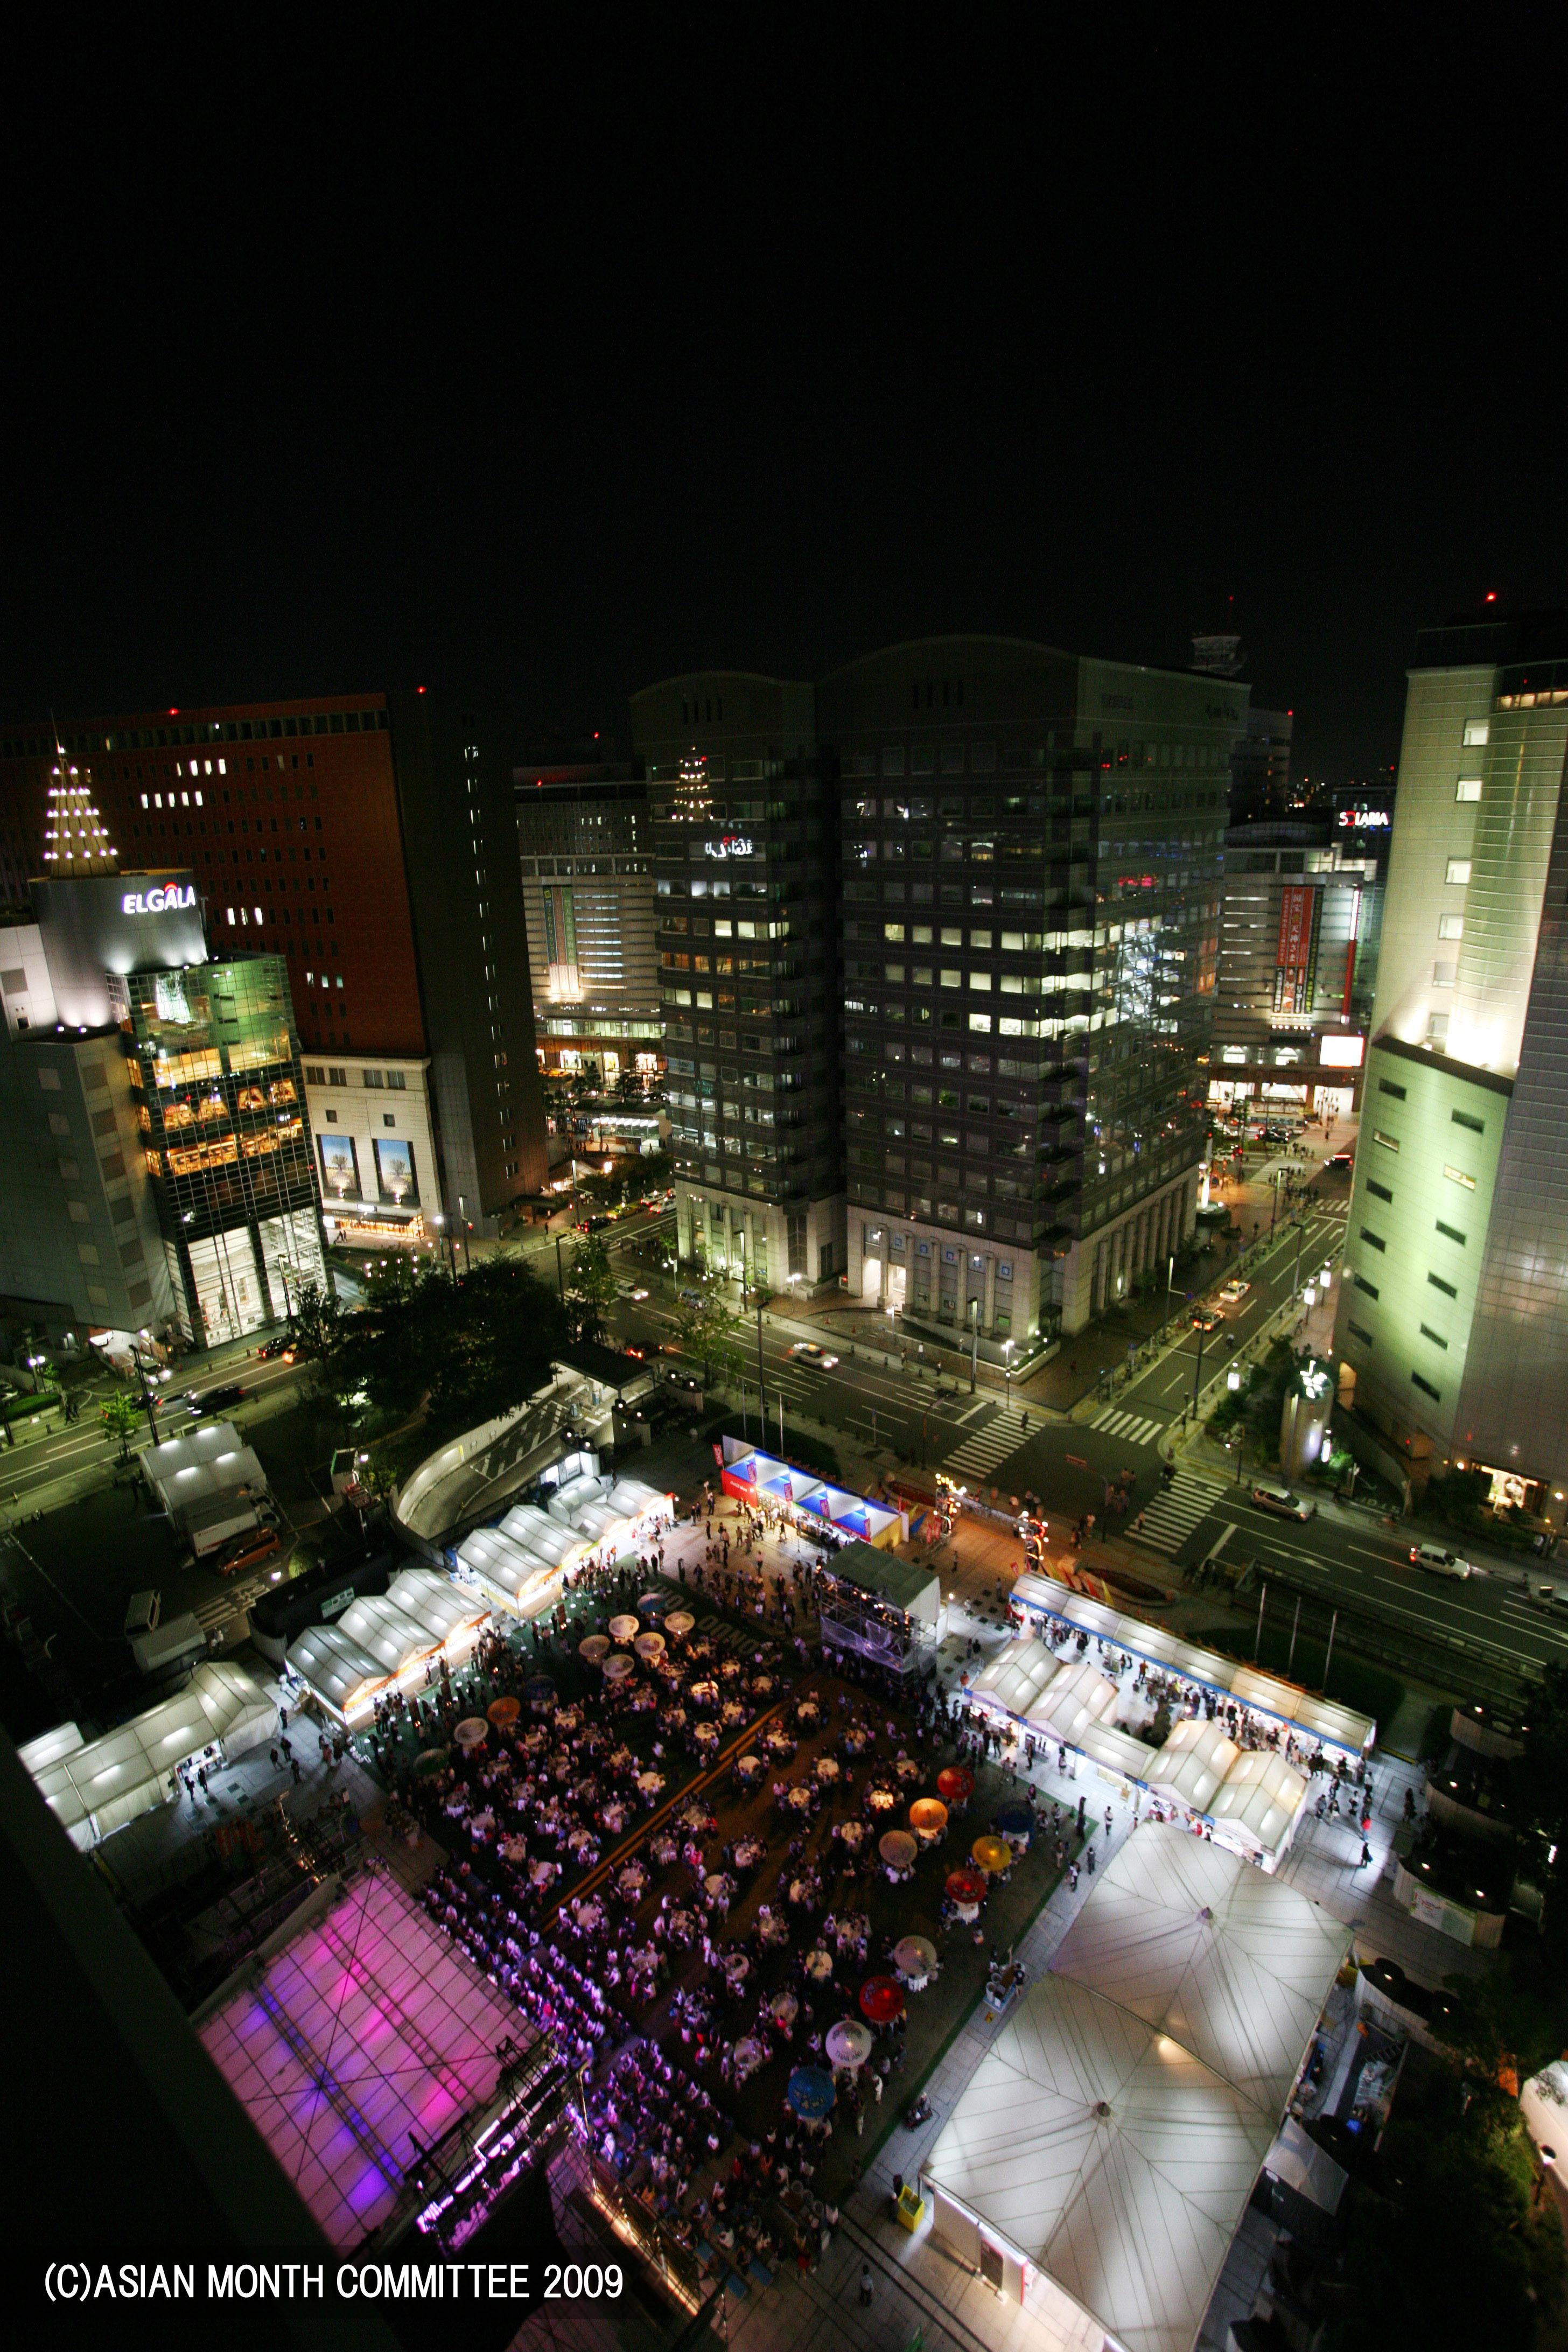 アジア太平洋フェスティバル会場(2008)の画像